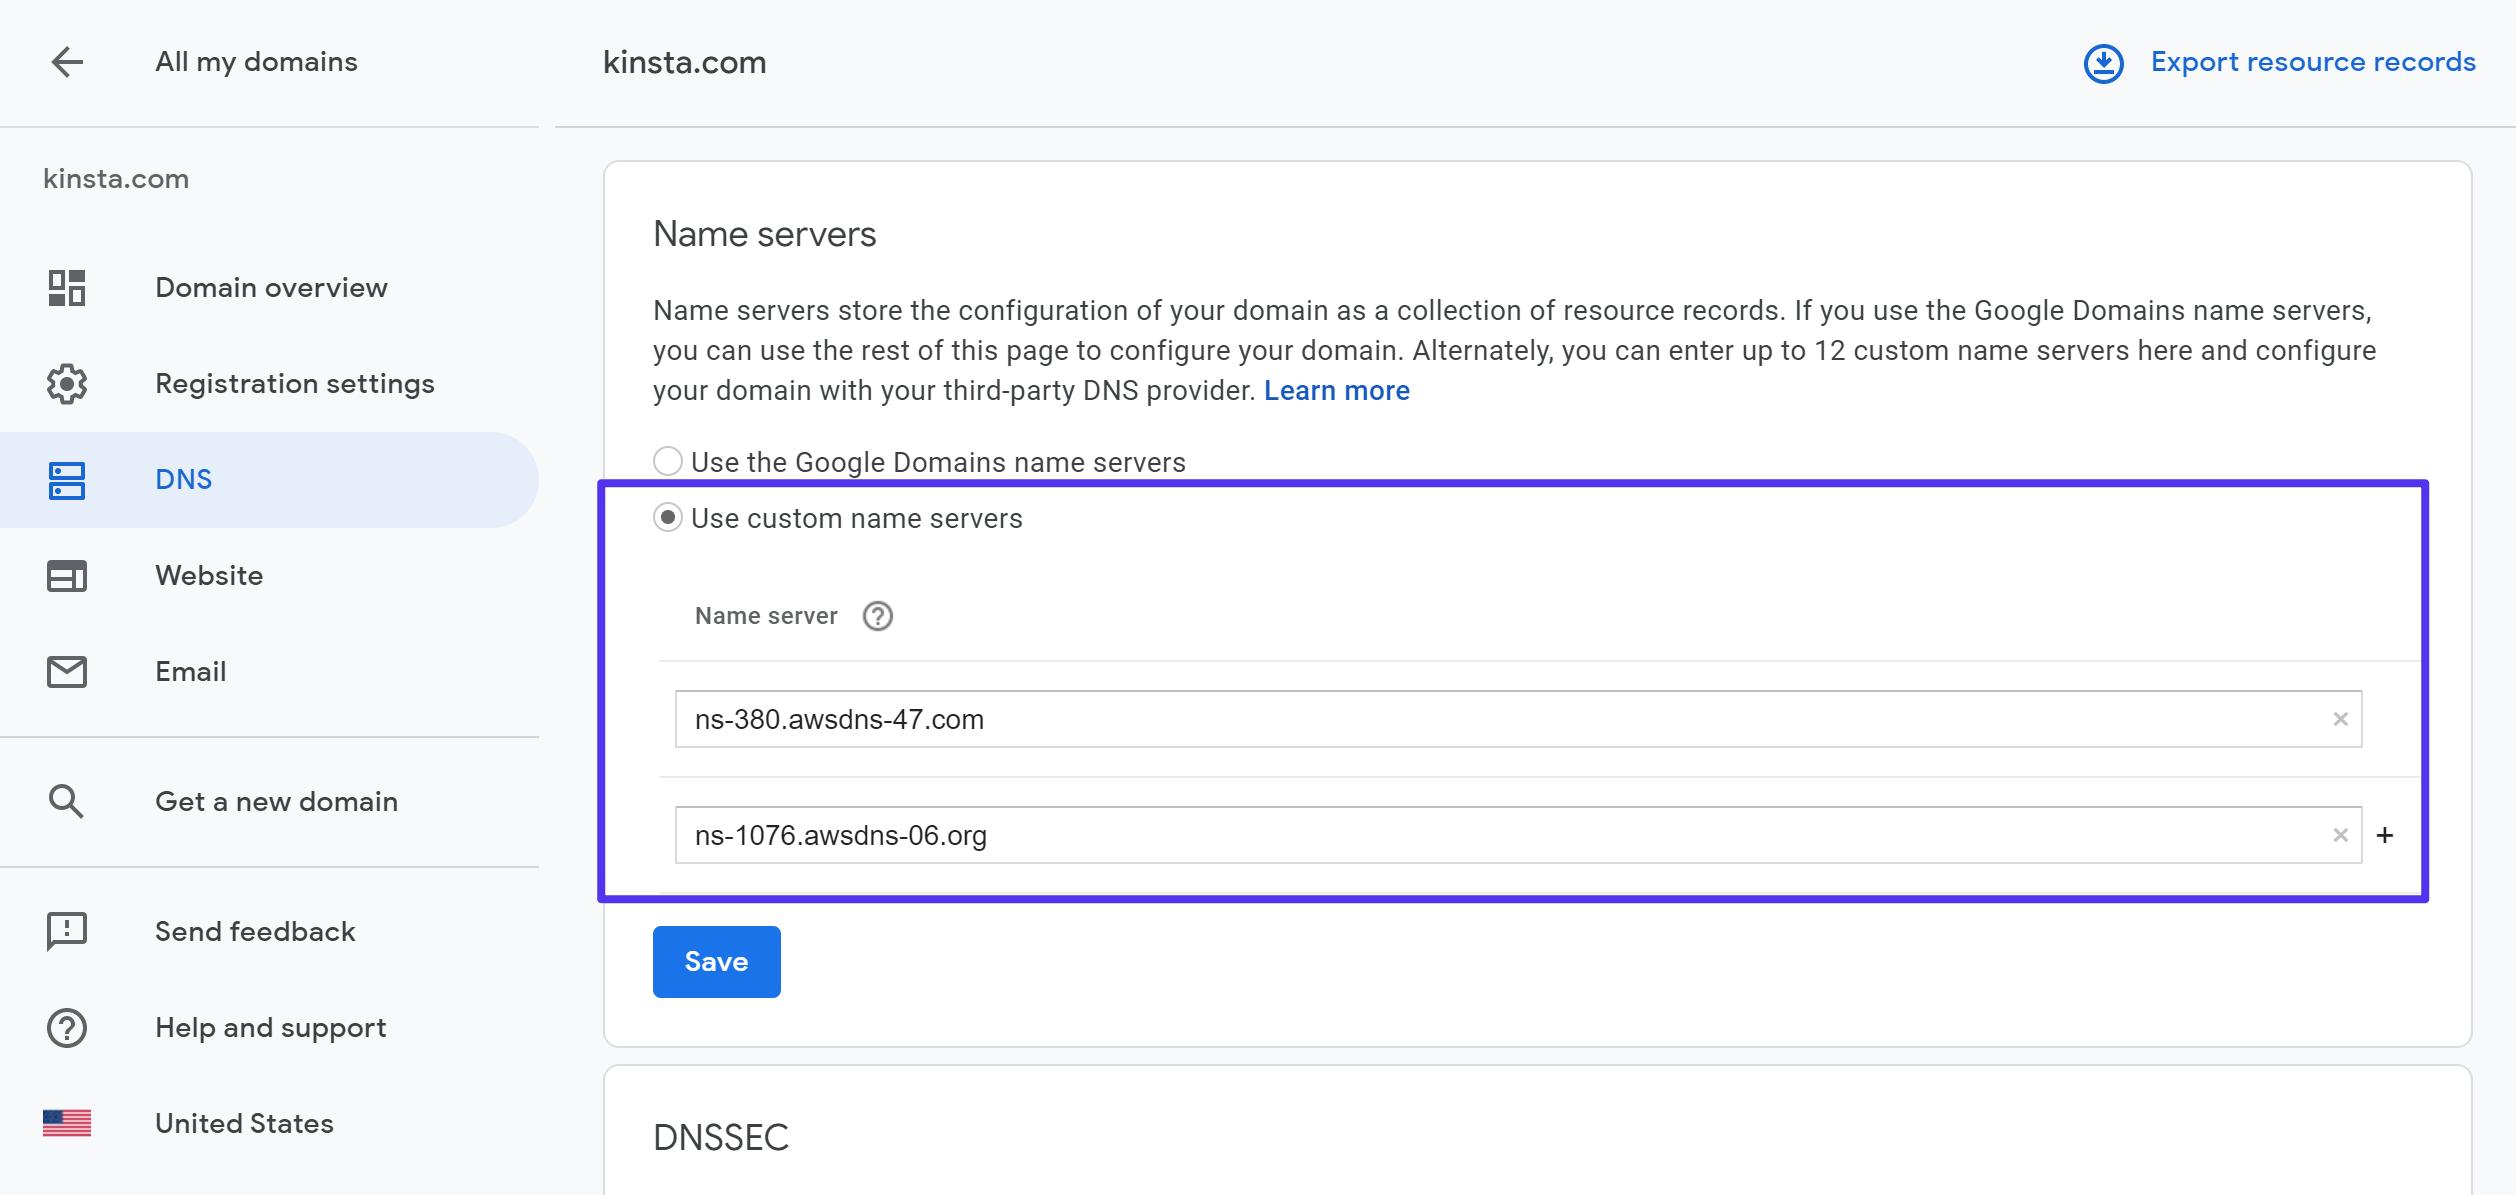 Come utilizzare i tuoi server dei nomi di Google Domains